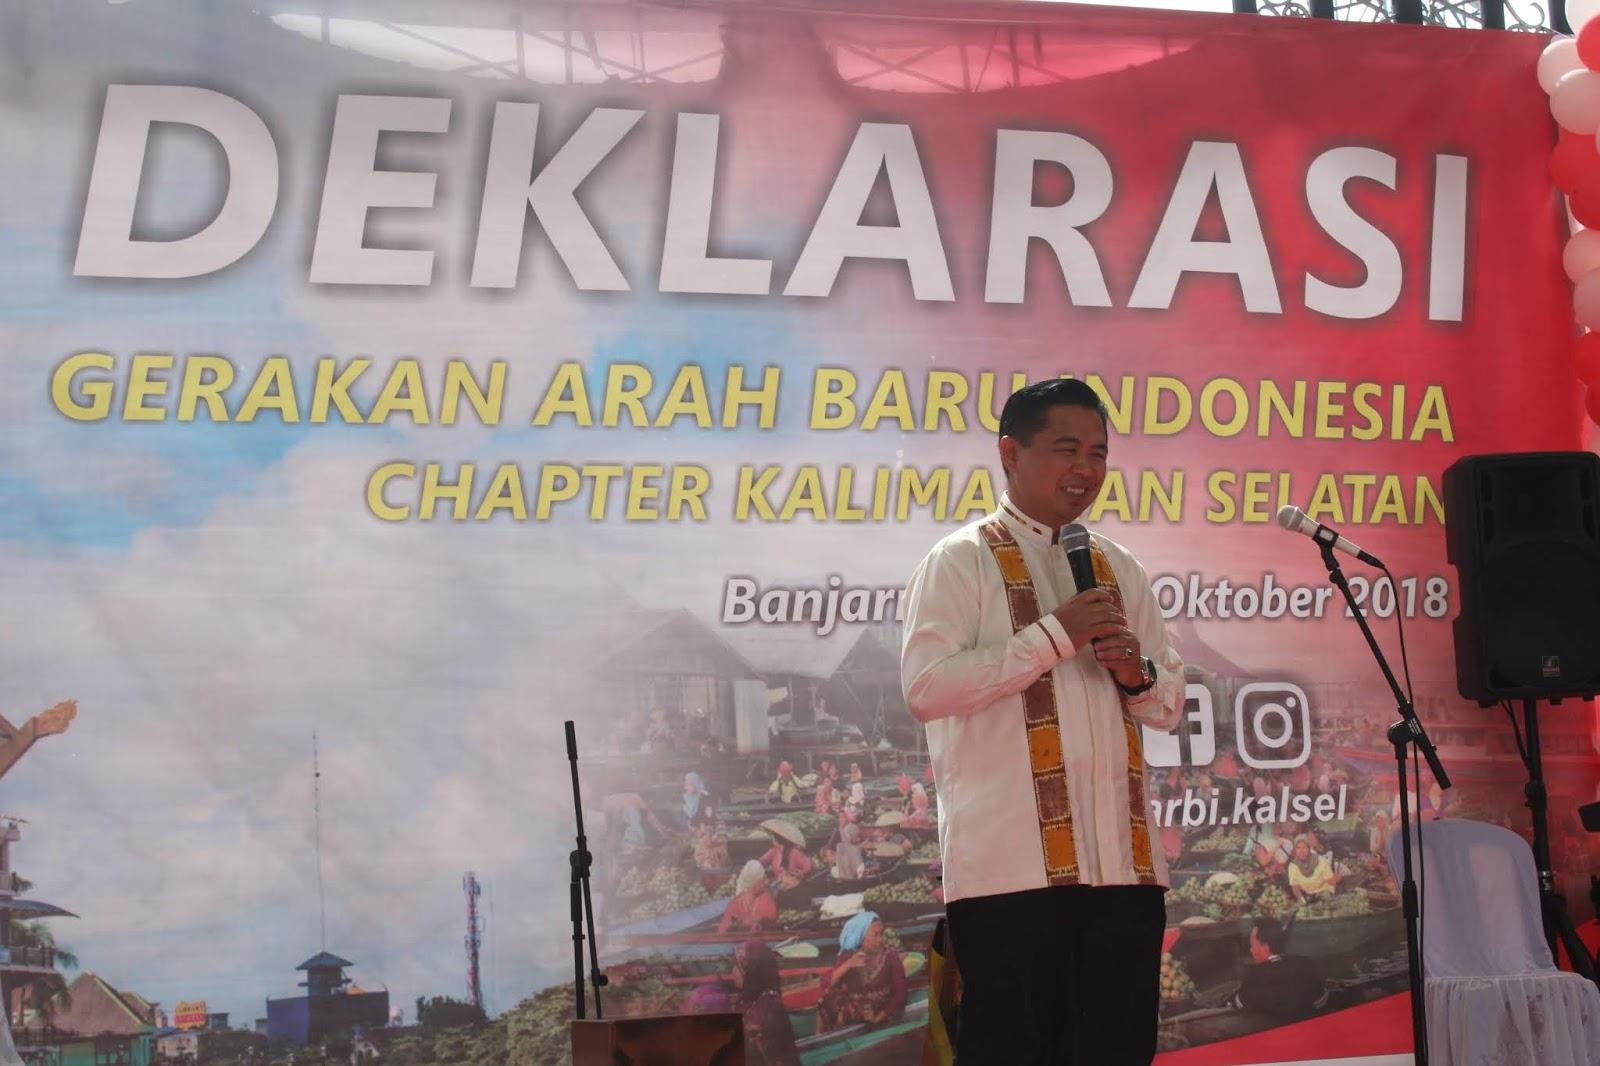 Garbi Kalsel Resmi Deklarasi Wali Kota Banjarmasin Semoga Membawa Kain Nilai Positif